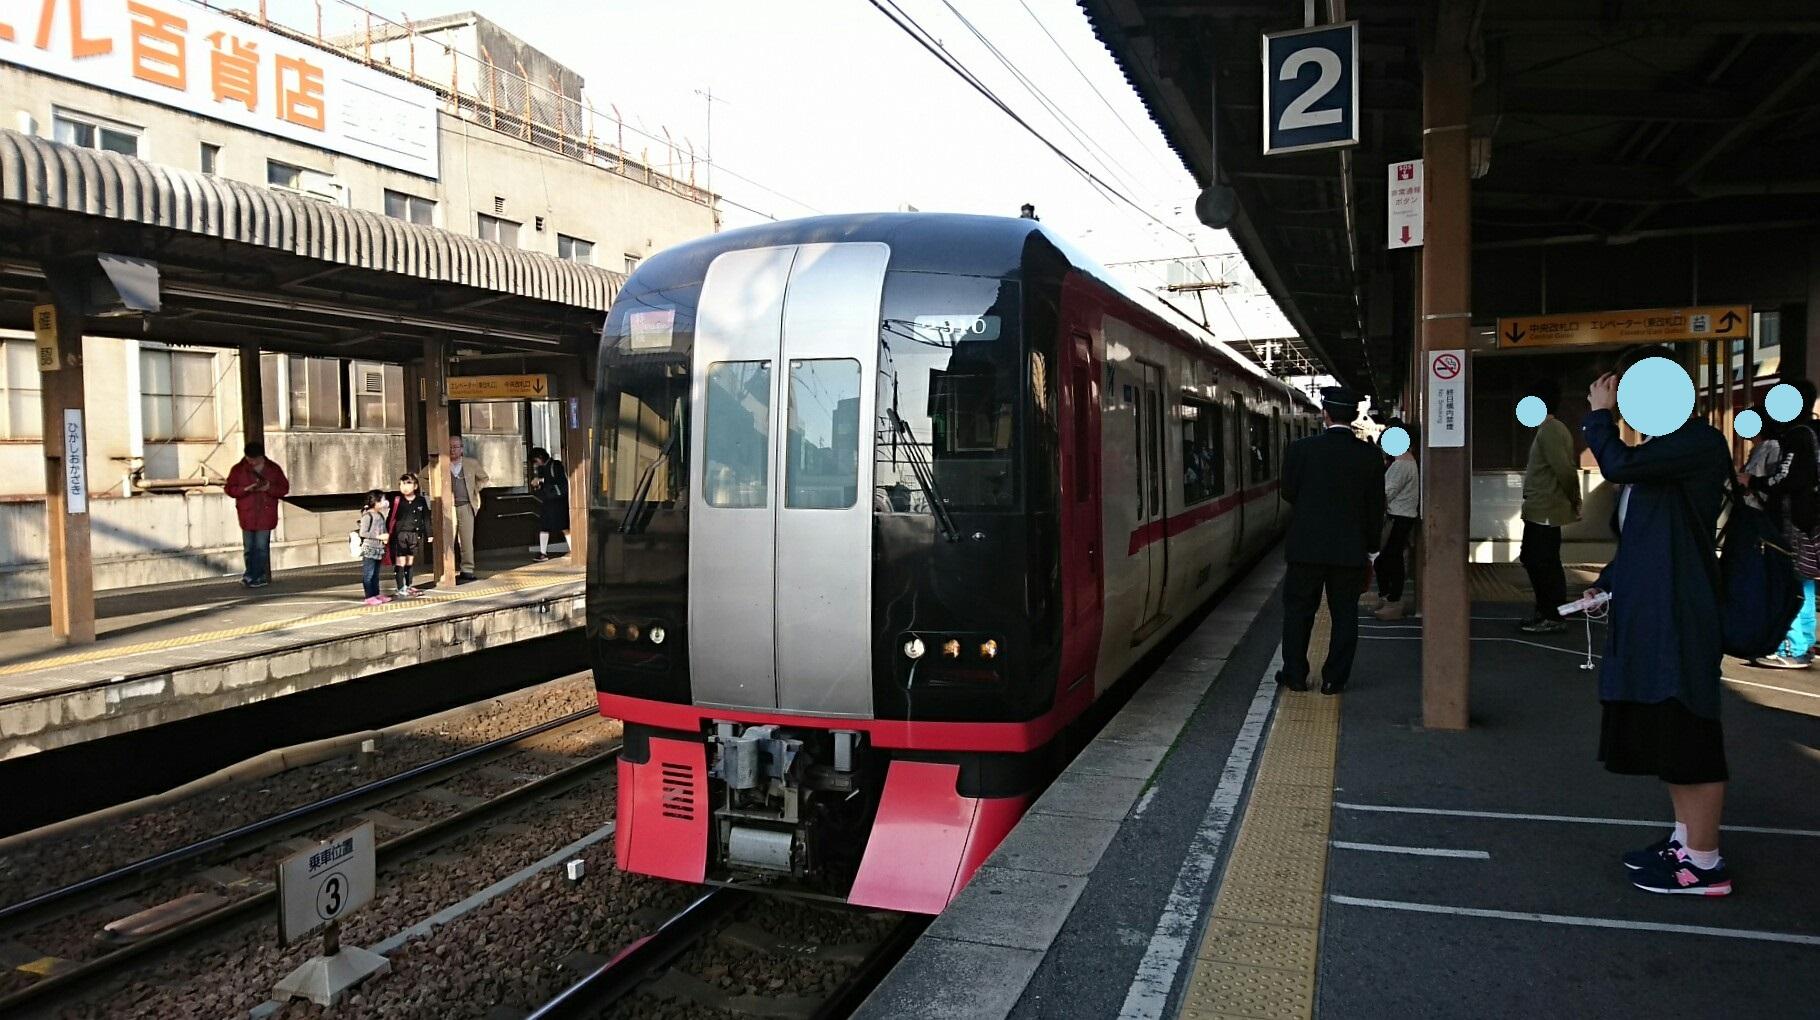 2017.4.15 名鉄 (52) 東岡崎 - 岐阜いき特急(まえ) 1820-1020